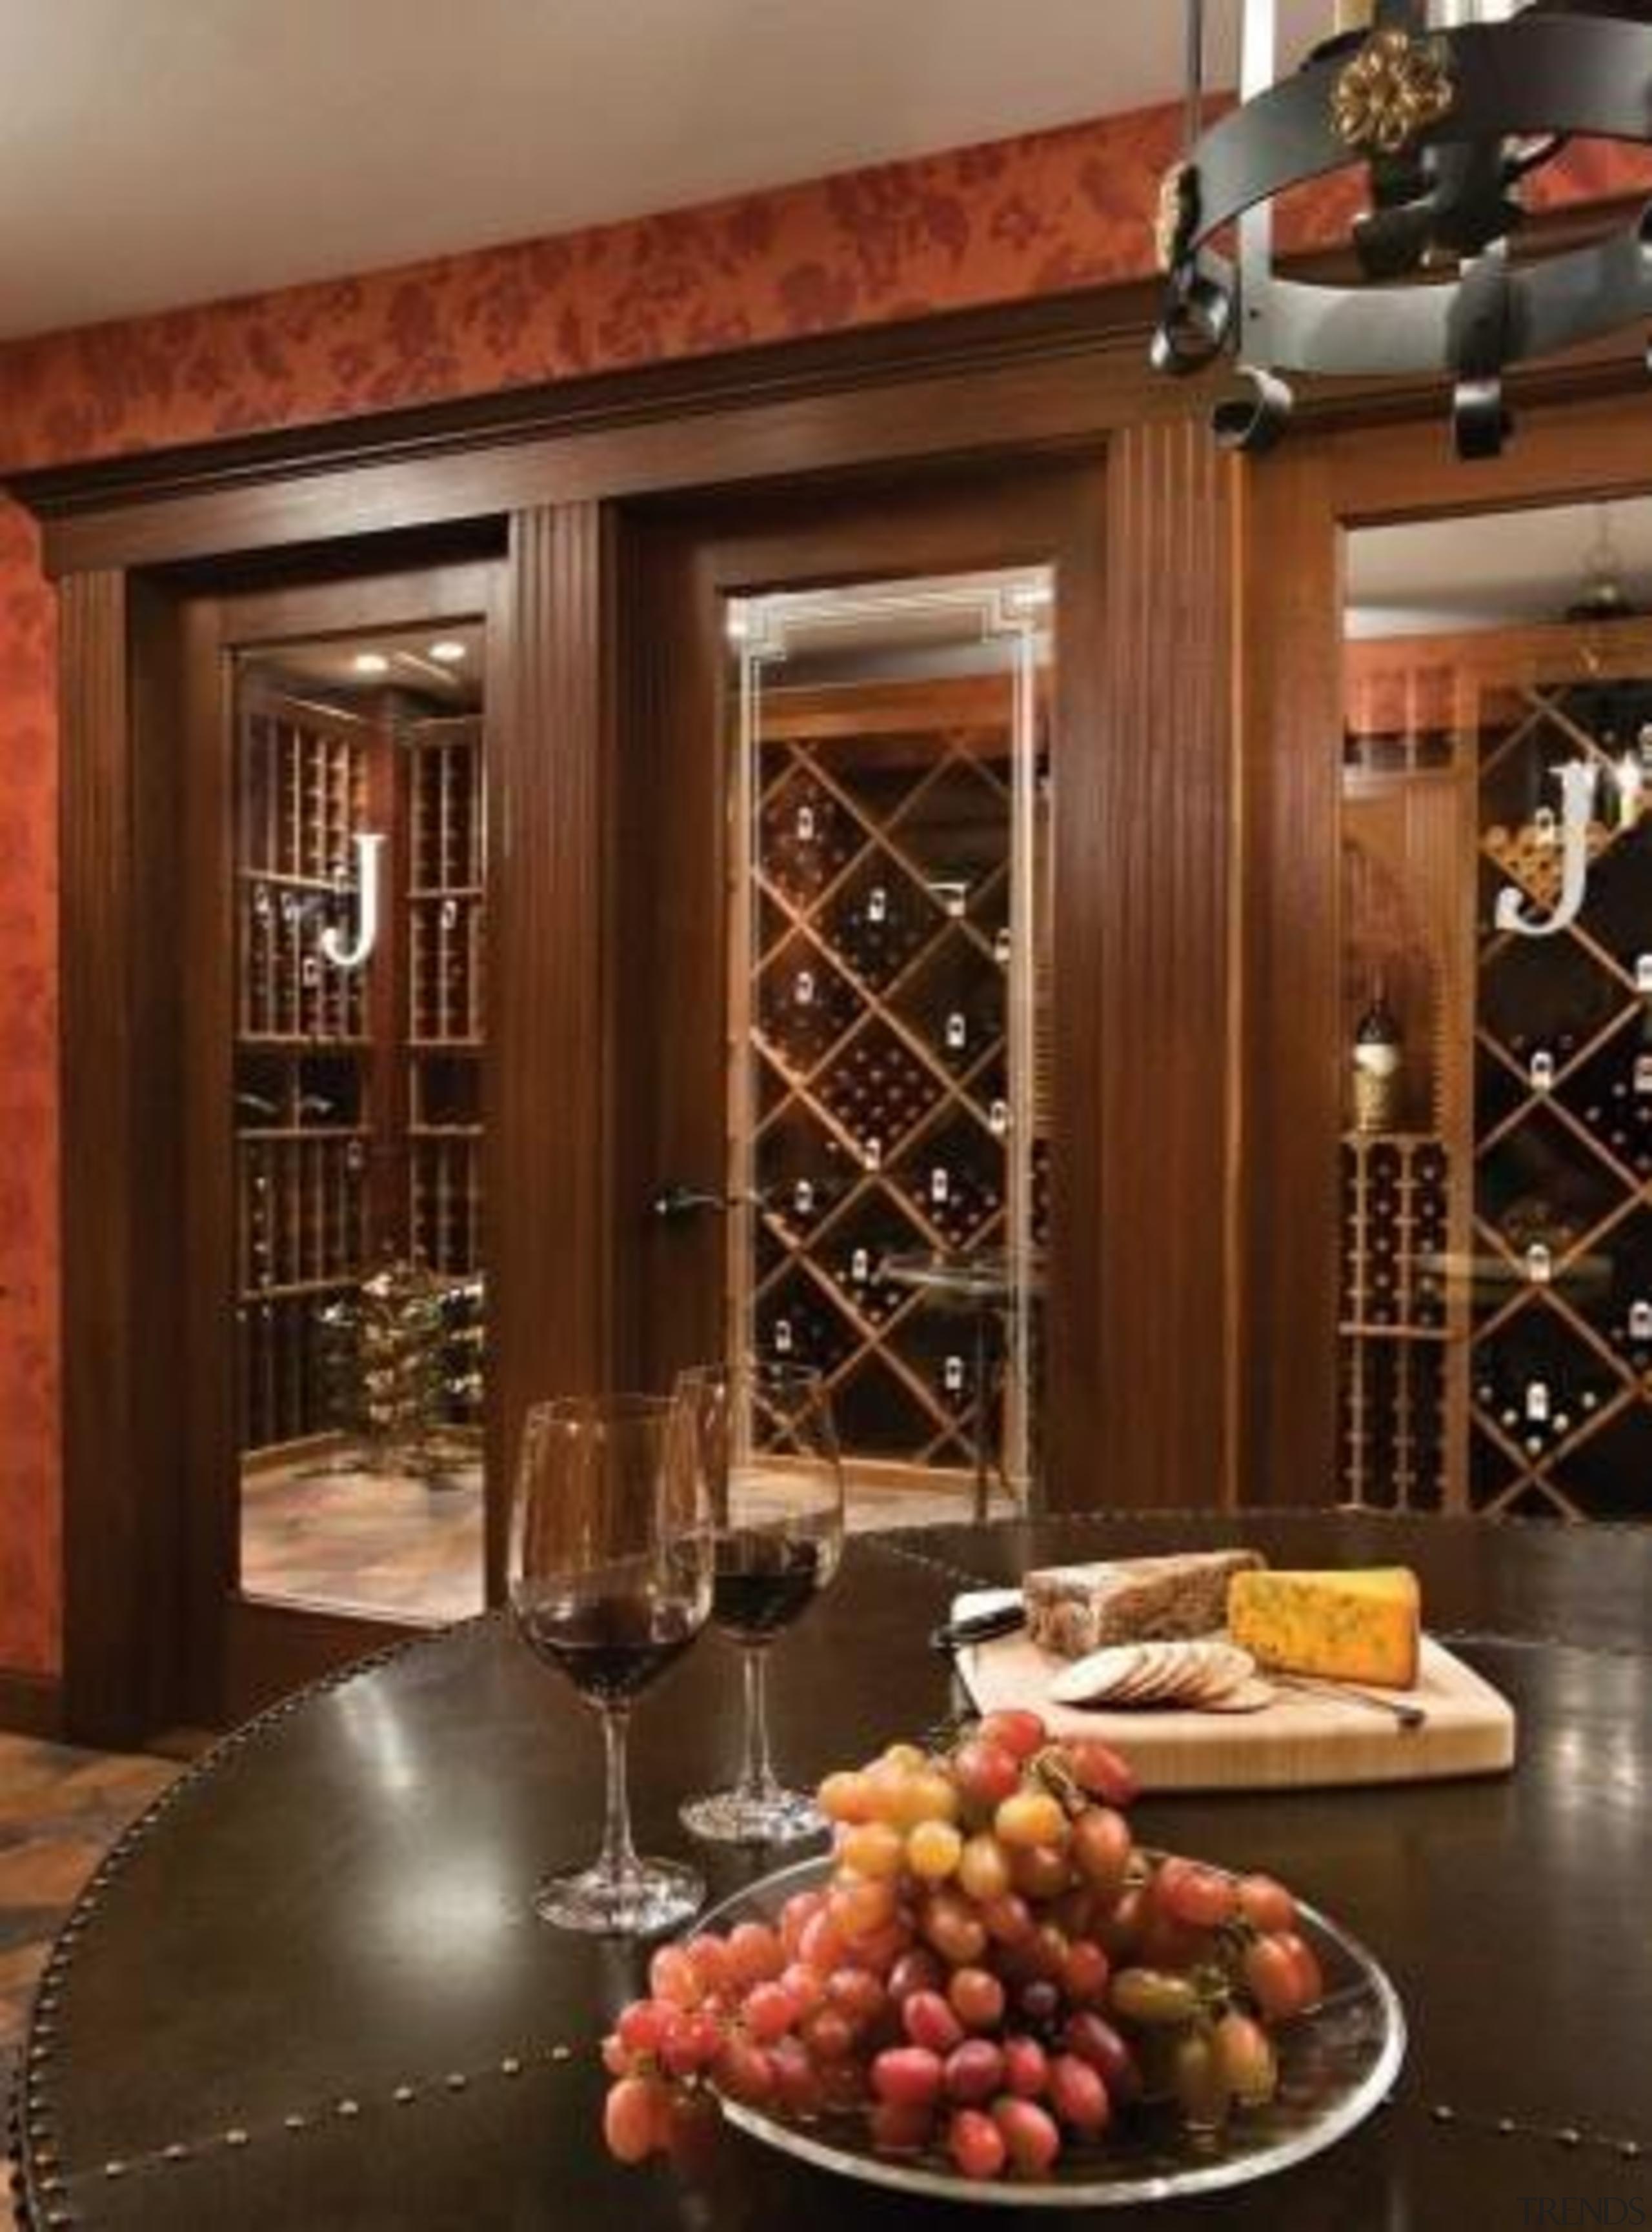 Modern Wine Cellar Ideas - Modern Wine Cellar interior design, wine cellar, brown